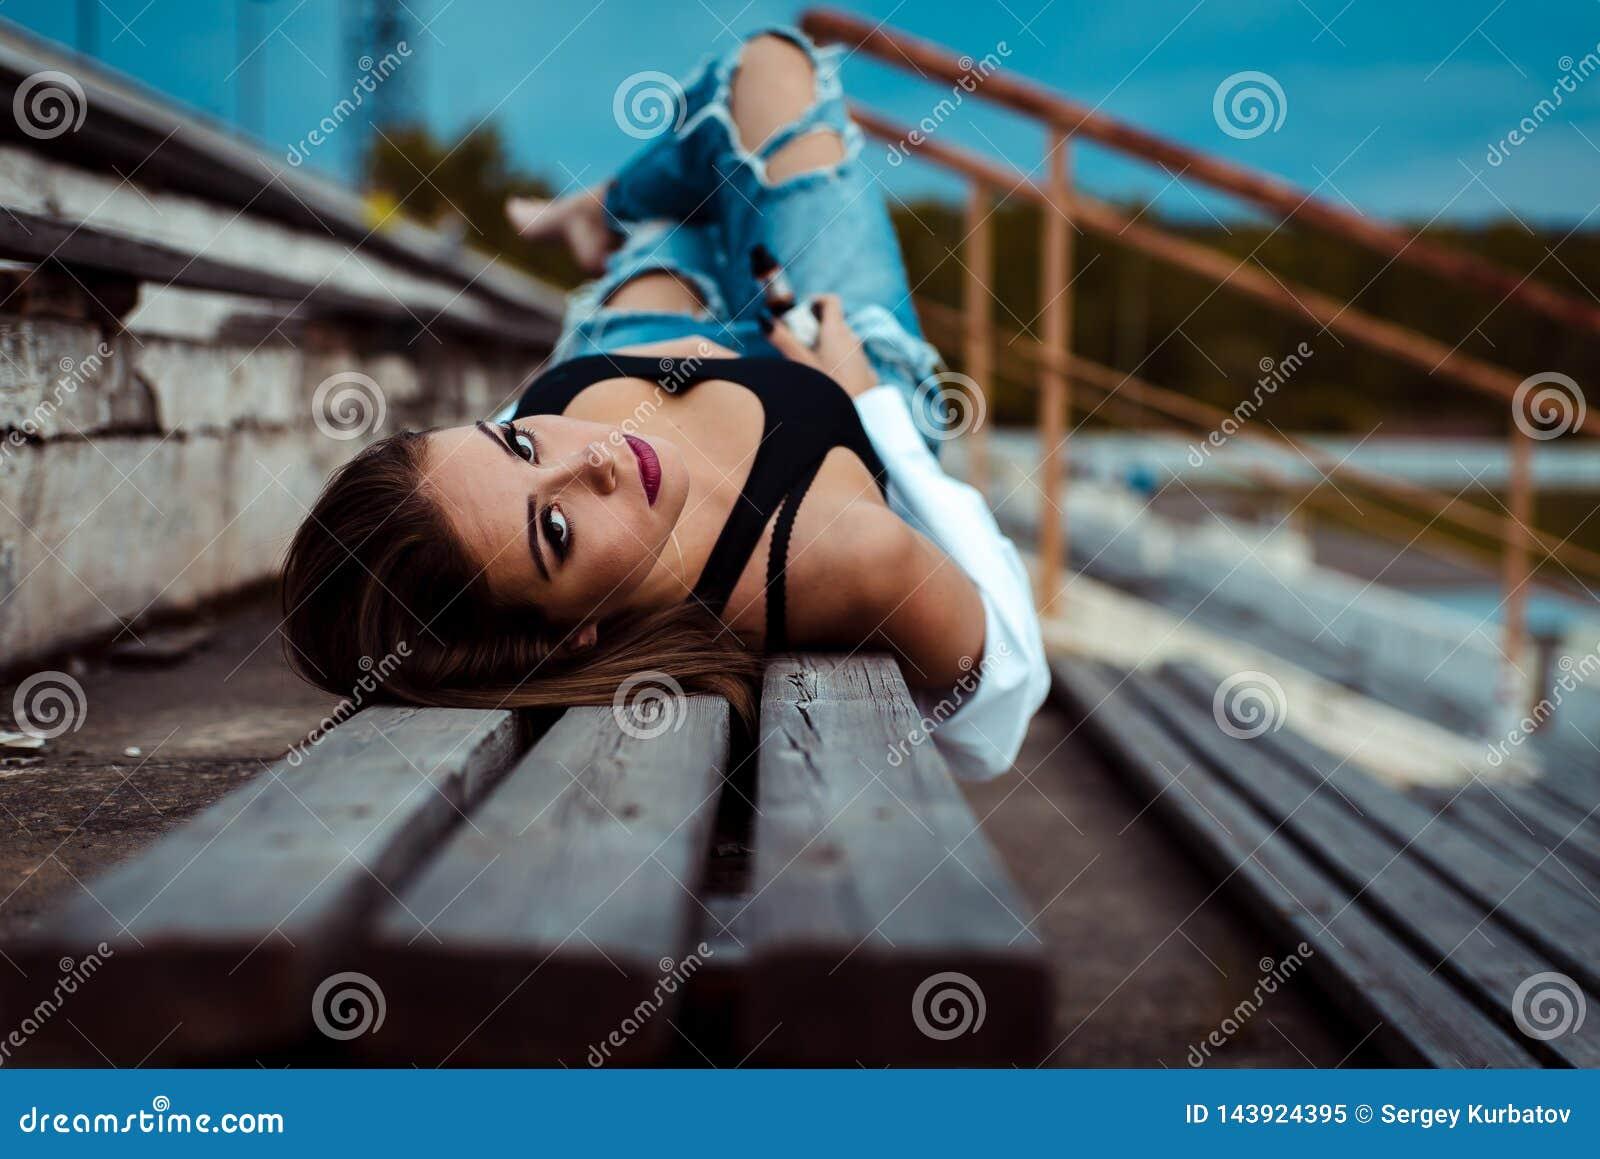 Den unga sexiga kvinnan ligger på en träbänk Hon tar avbrottet efter genomkörare i idrottshall utomhus-